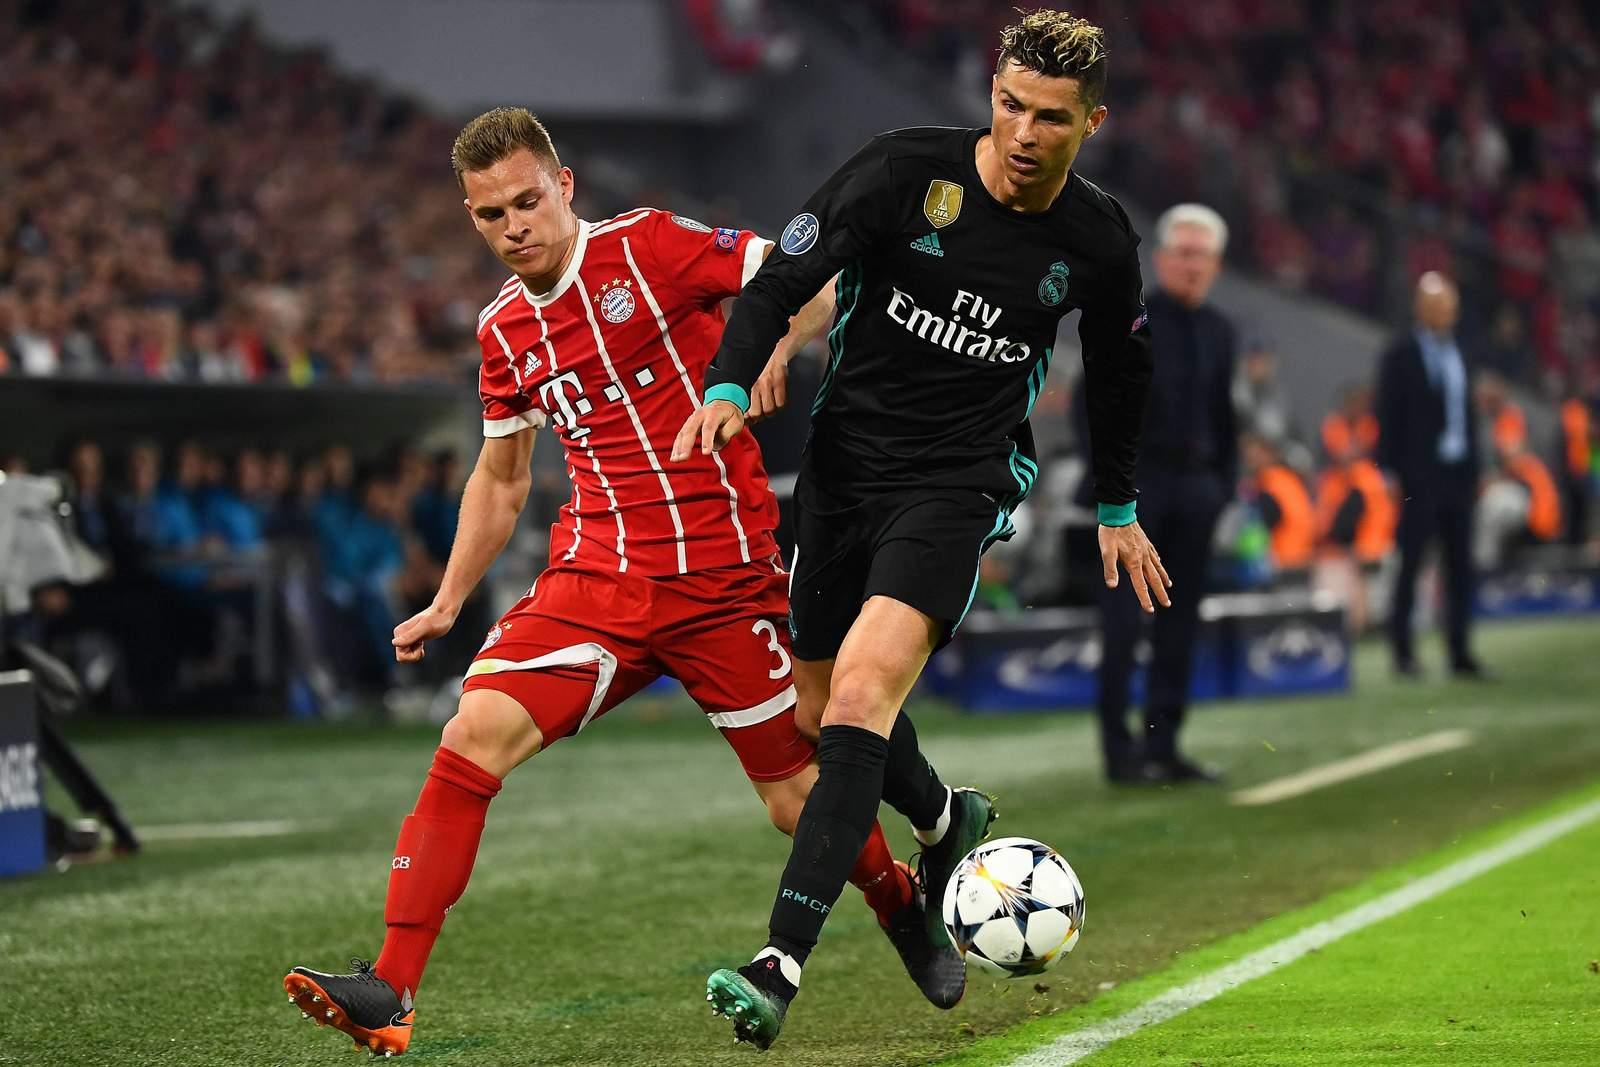 Setzt sich Kimmich wieder gegen Ronaldo durch? Jetzt auf Real Madrid gegen Bayern wetten